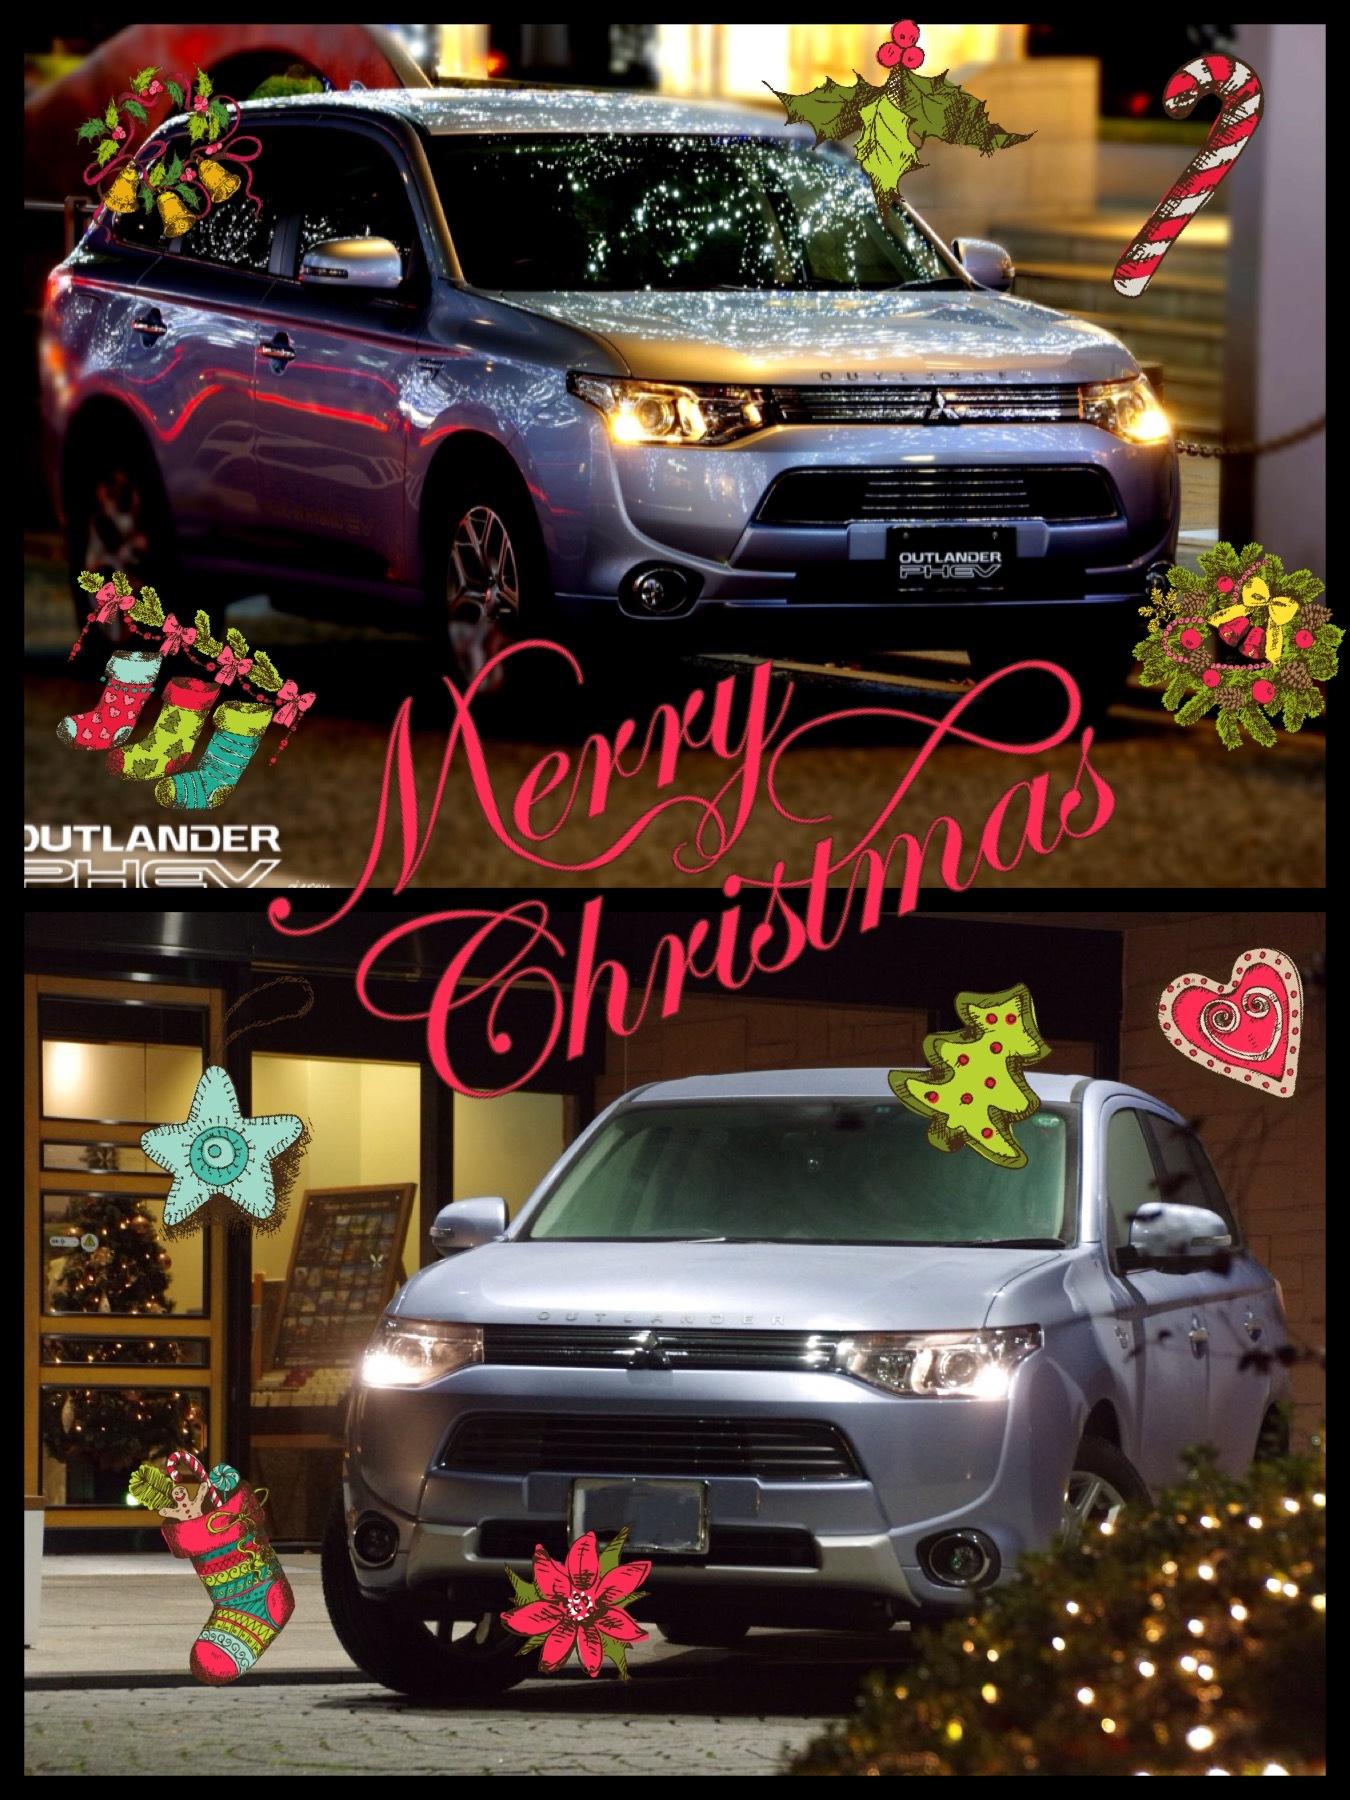 2016メリークリスマス アウトランダーPHEV